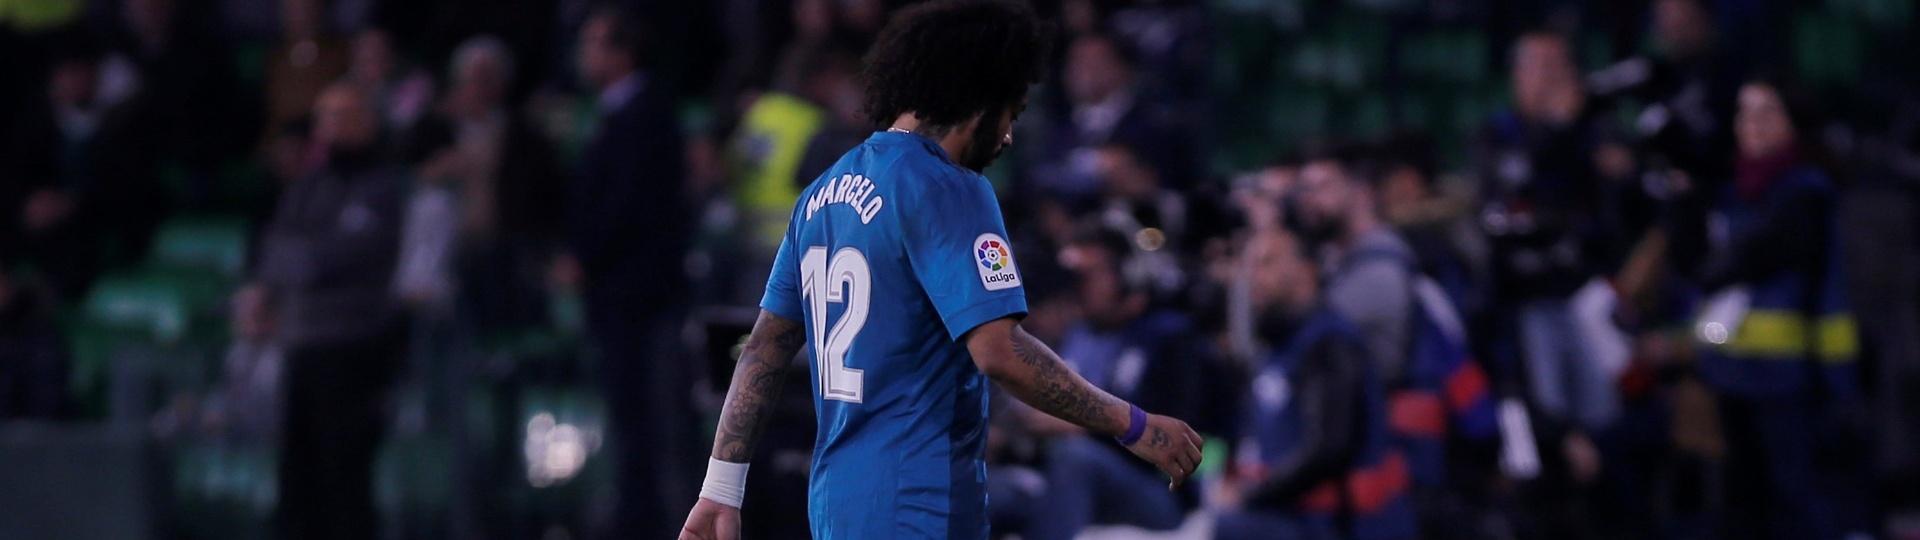 Marcelo sente uma lesão na coxa direita e é substituído ainda no 1º tempo